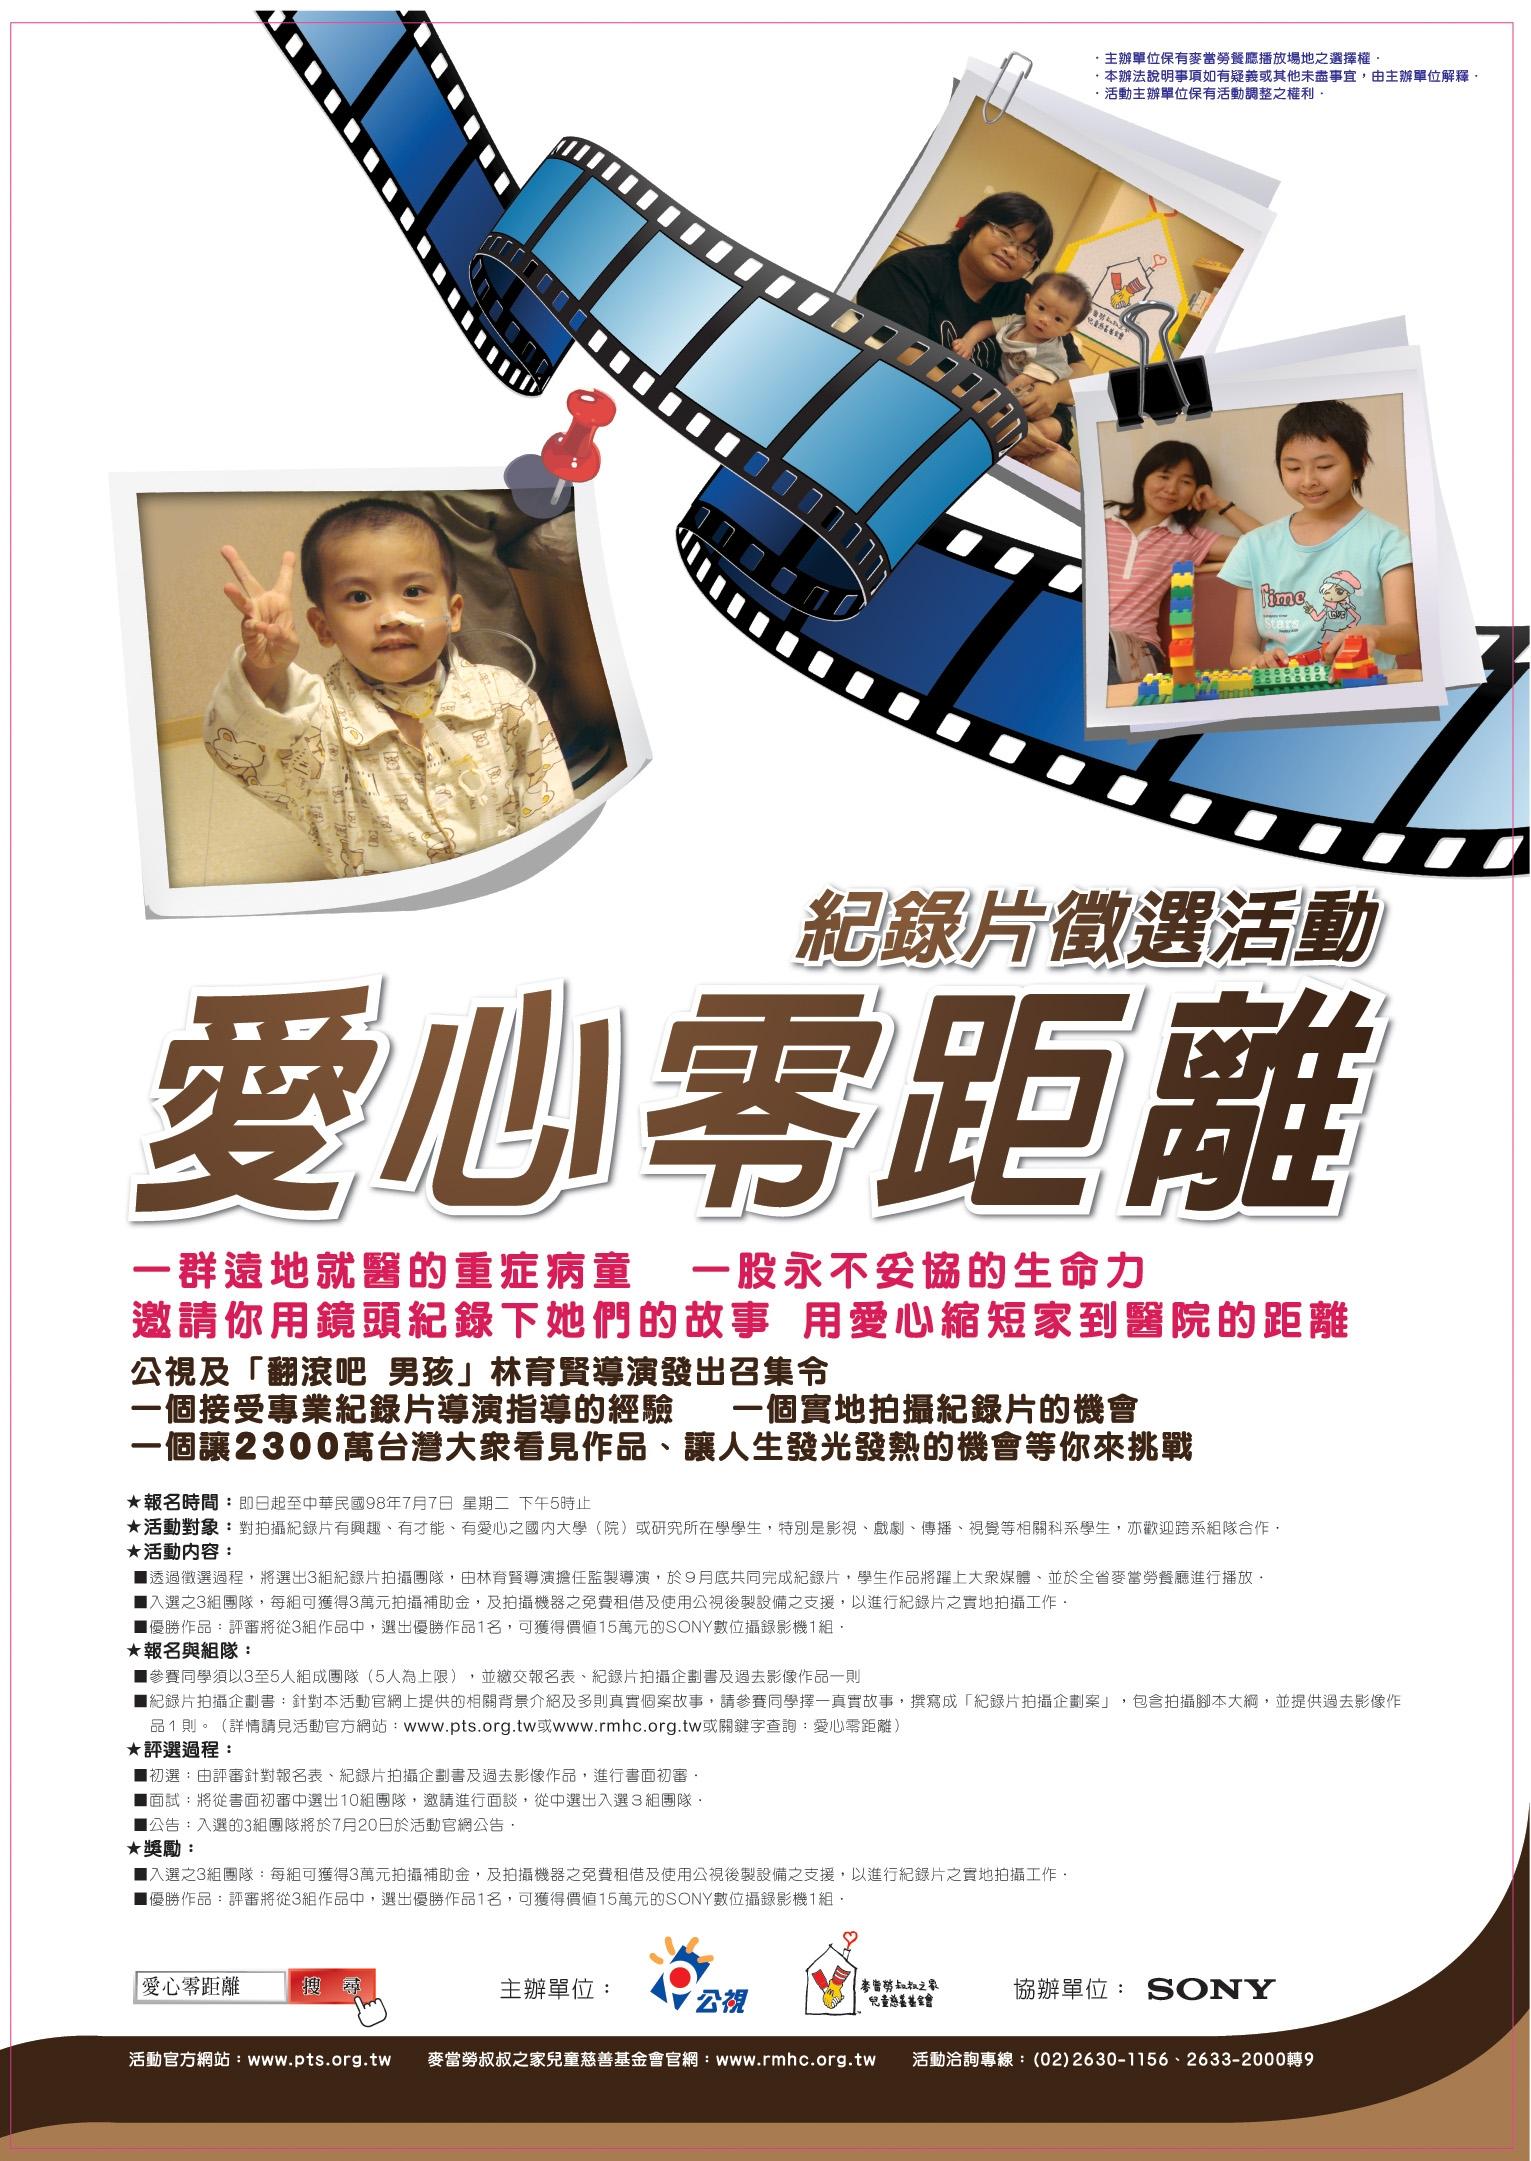 愛心零距離poster20090609 (1).JPG